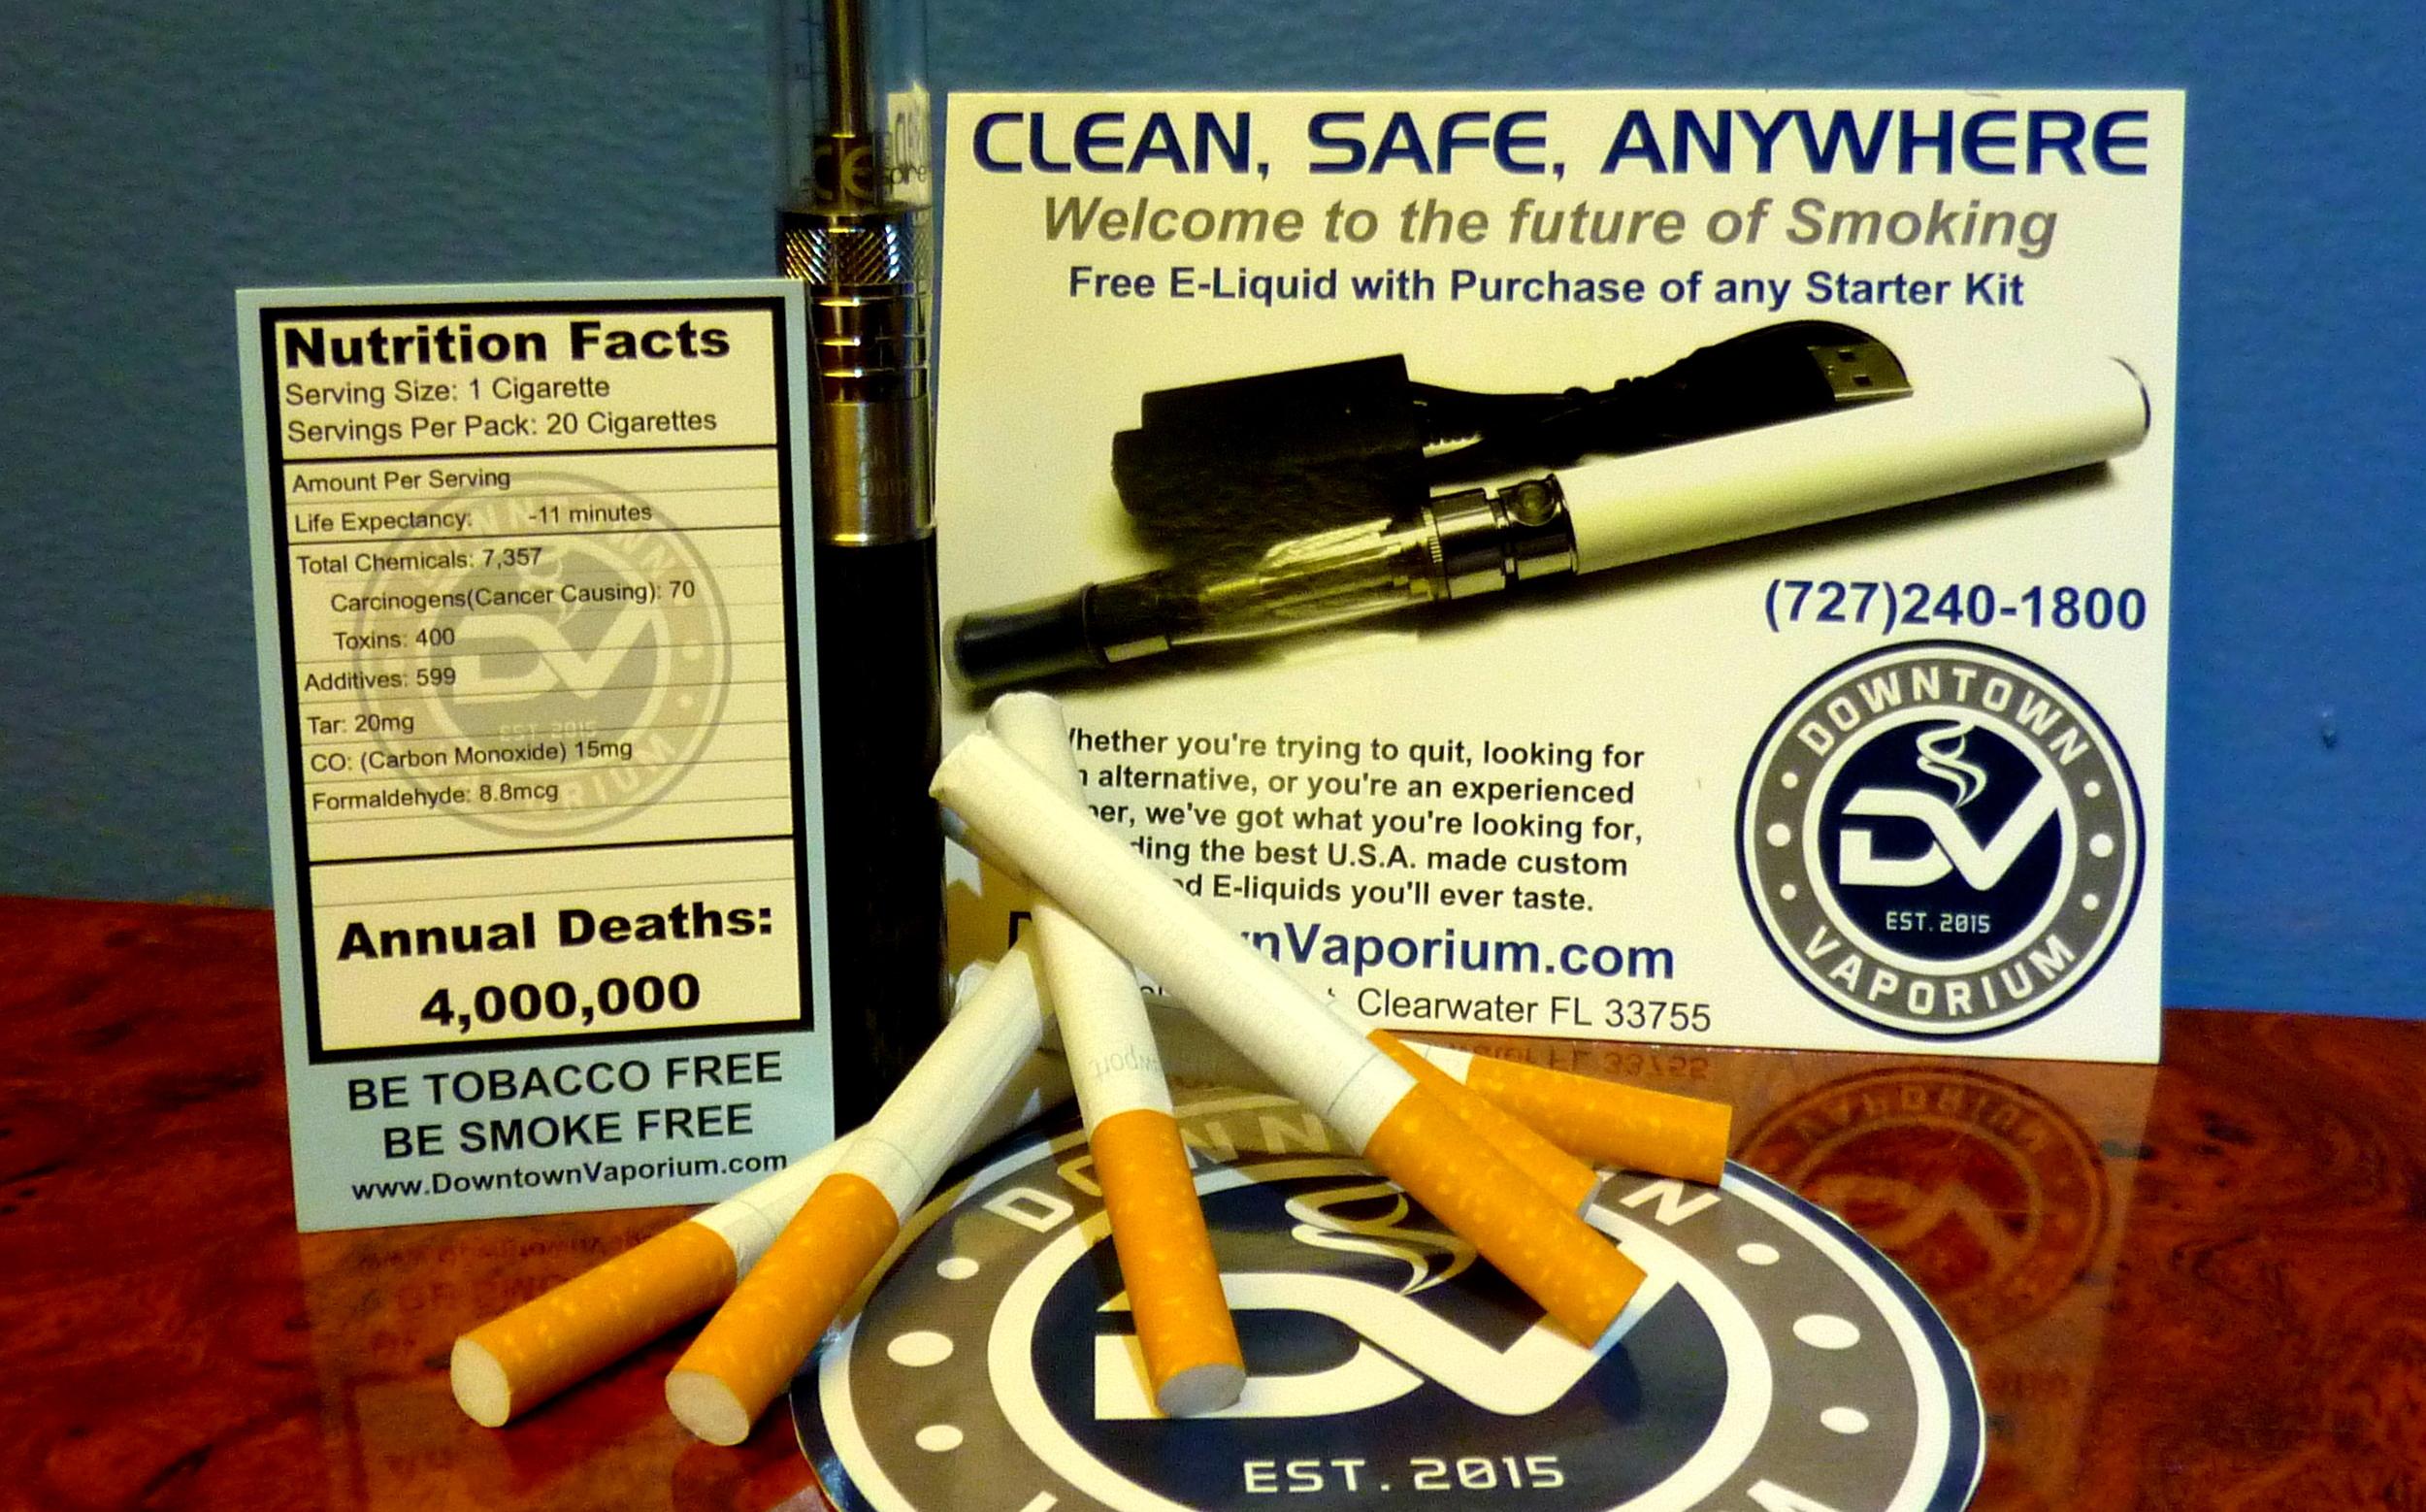 downtown_vaporium_vaping_allowed_no_smoking_quit_clearwater_florida_sponsor_a_smoker_sponsorasmoker_ecig_store.JPG